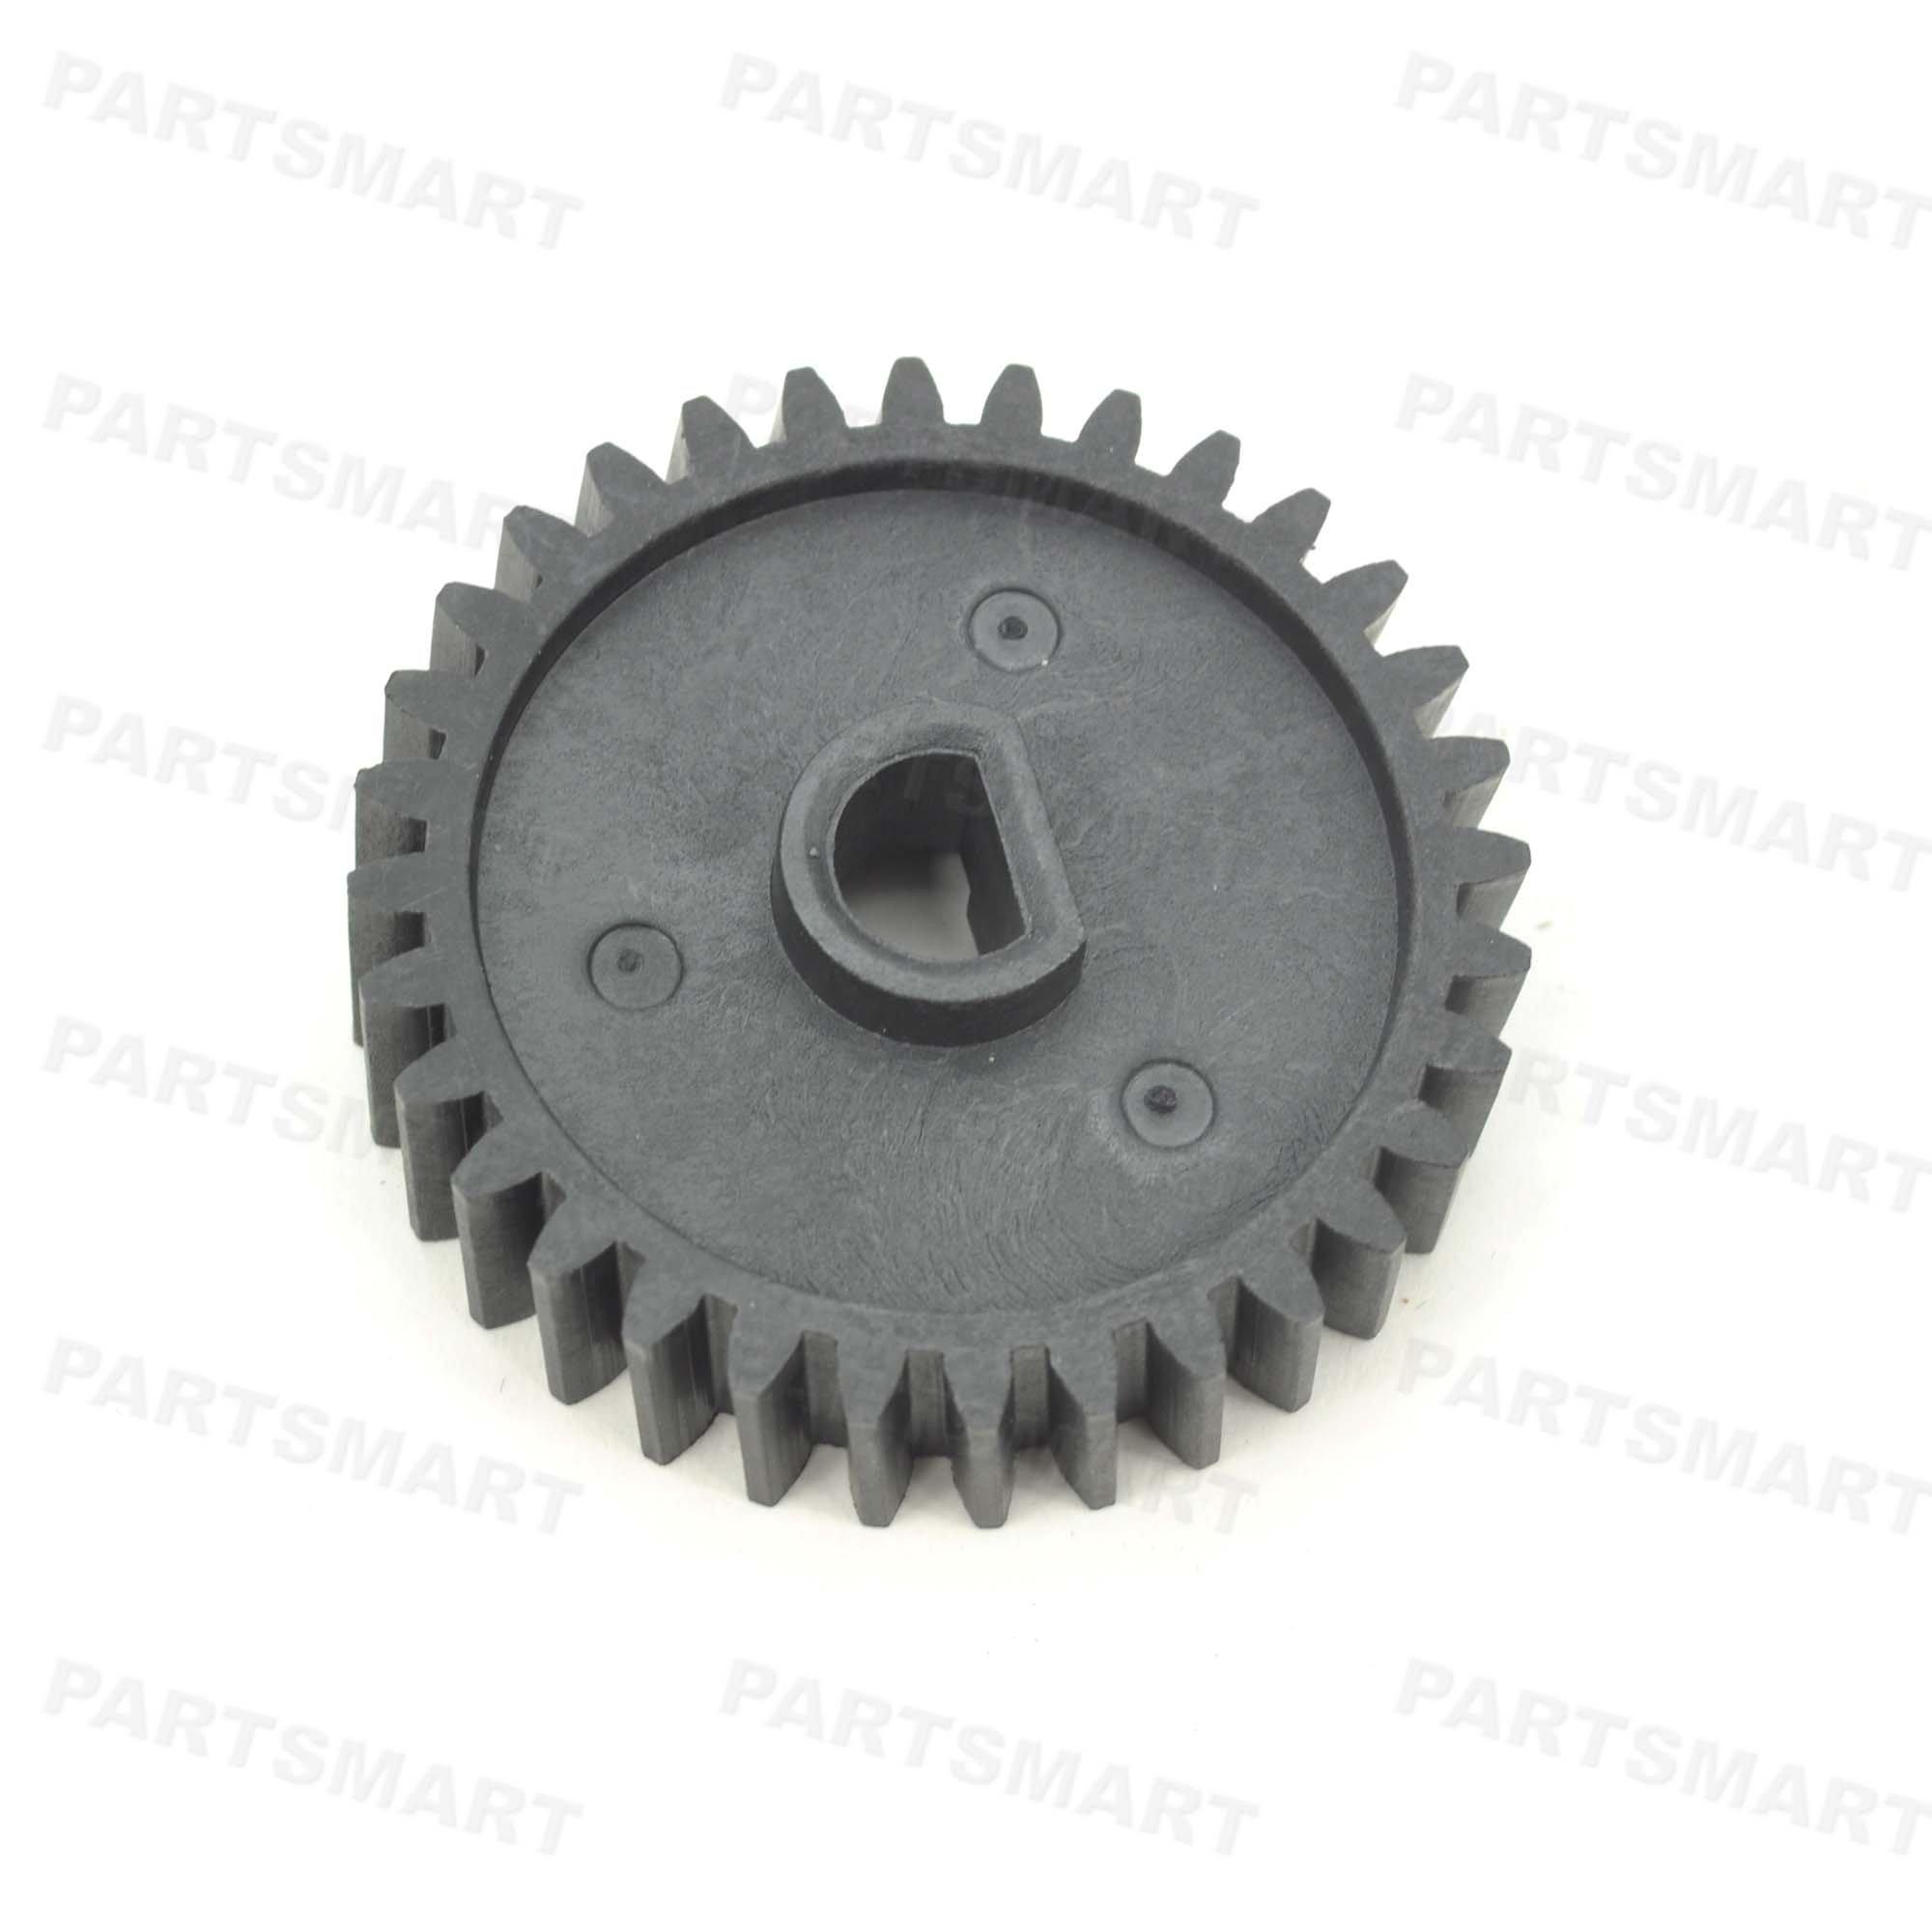 RU7-0296-000 Fuser Gear (32T) for HP LaserJet Enterprise 600 M601dn, LaserJet Enterprise 600 M601n